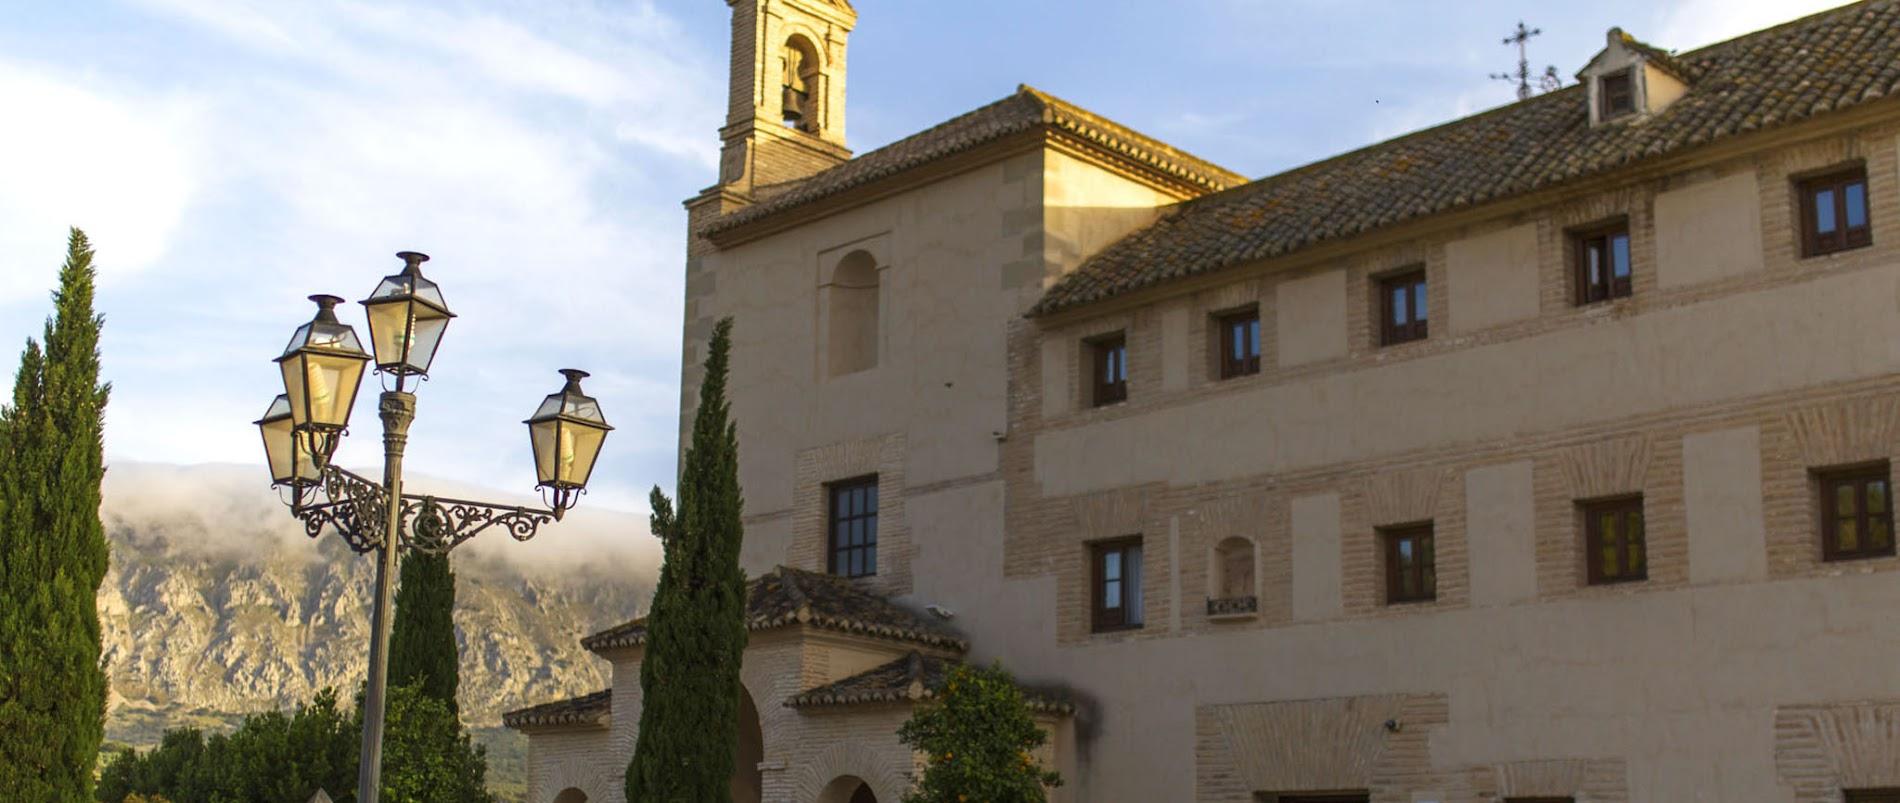 DWO Convento La Magdalena by Checkin***** | Web Oficial | Antequera, Málaga